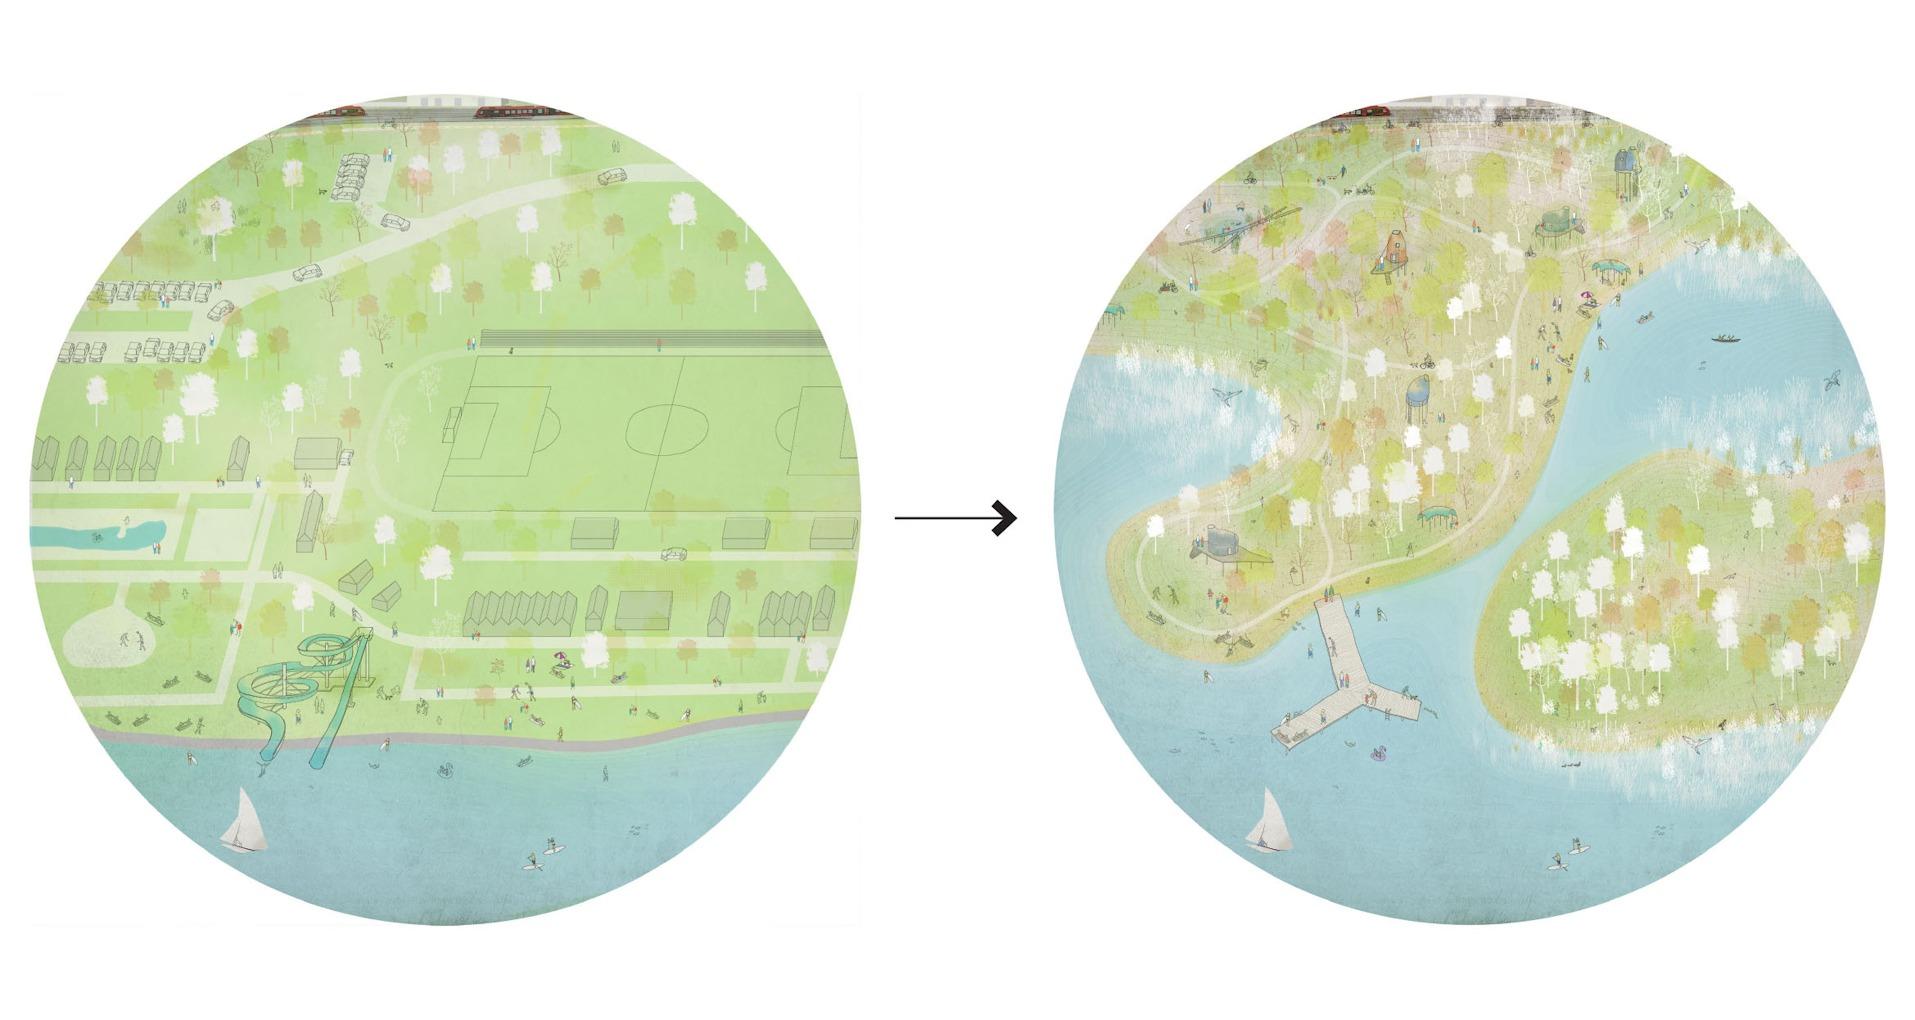 Két építész radikális terve: további beépítés helyett a természetnek adnák vissza a Balaton partját